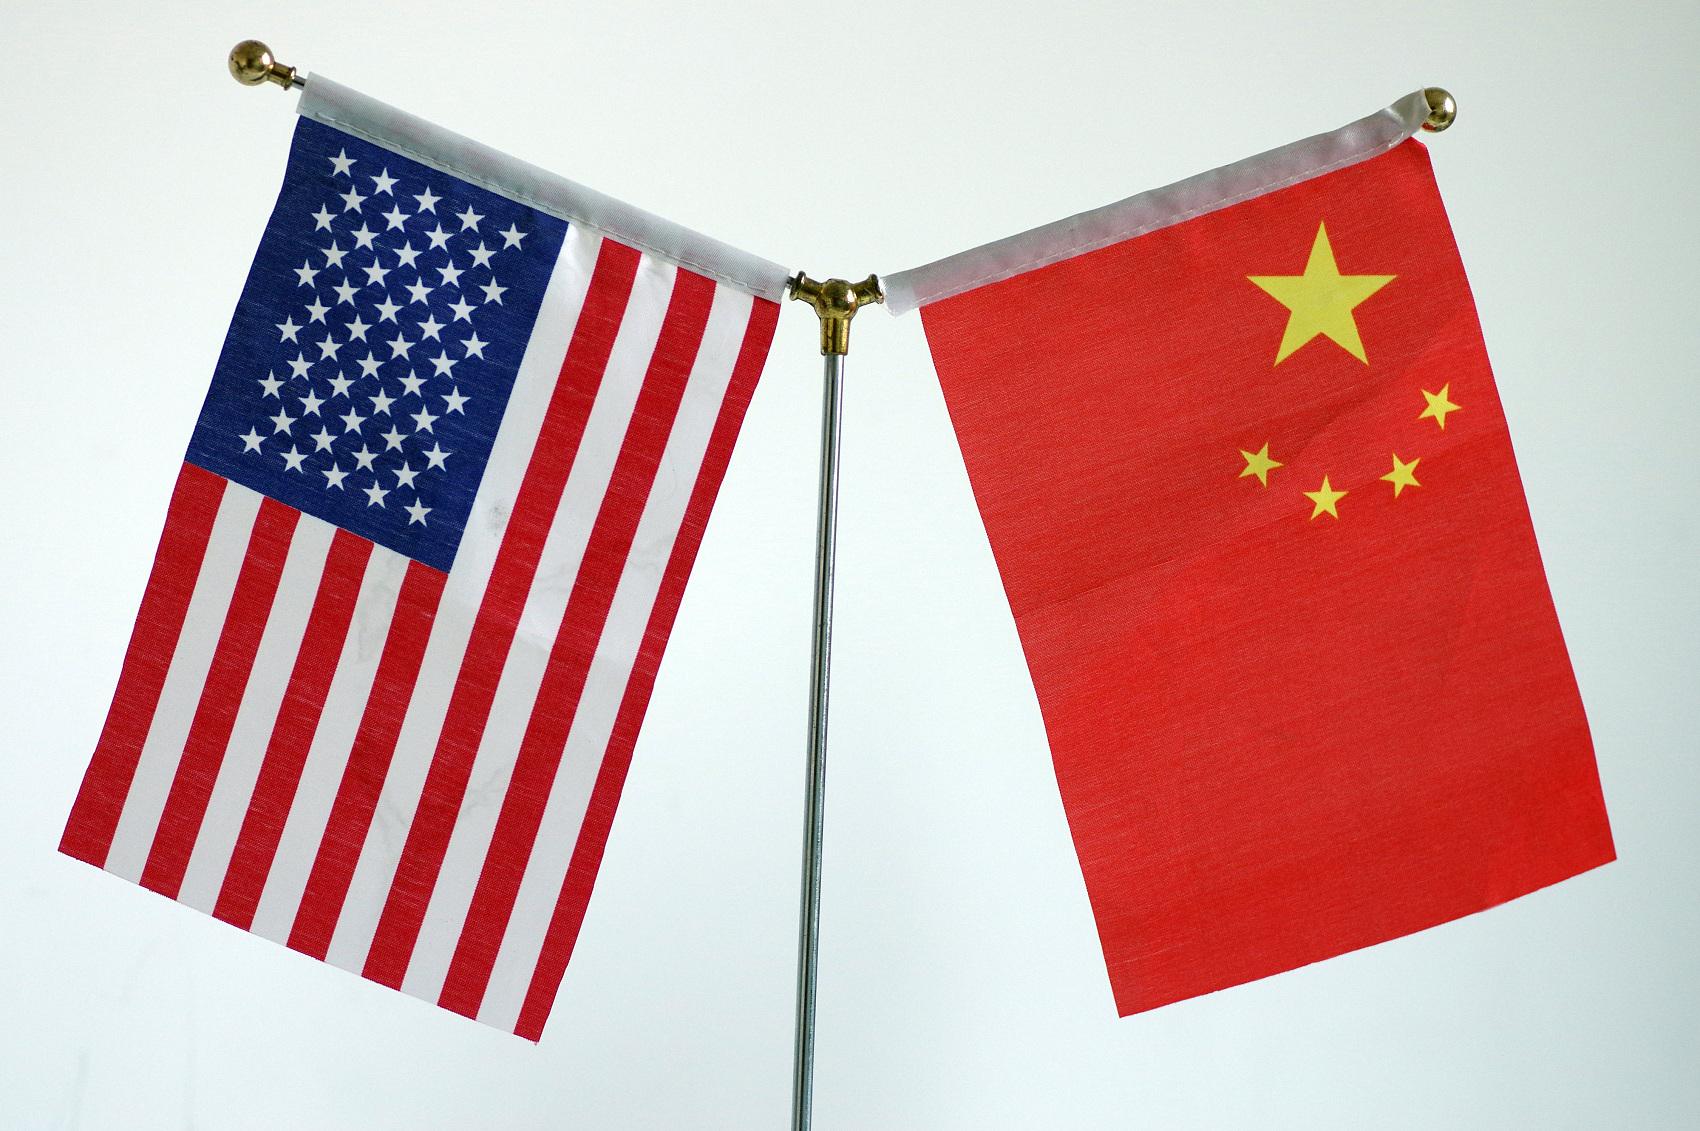 Xi congratulates Biden on election as US president